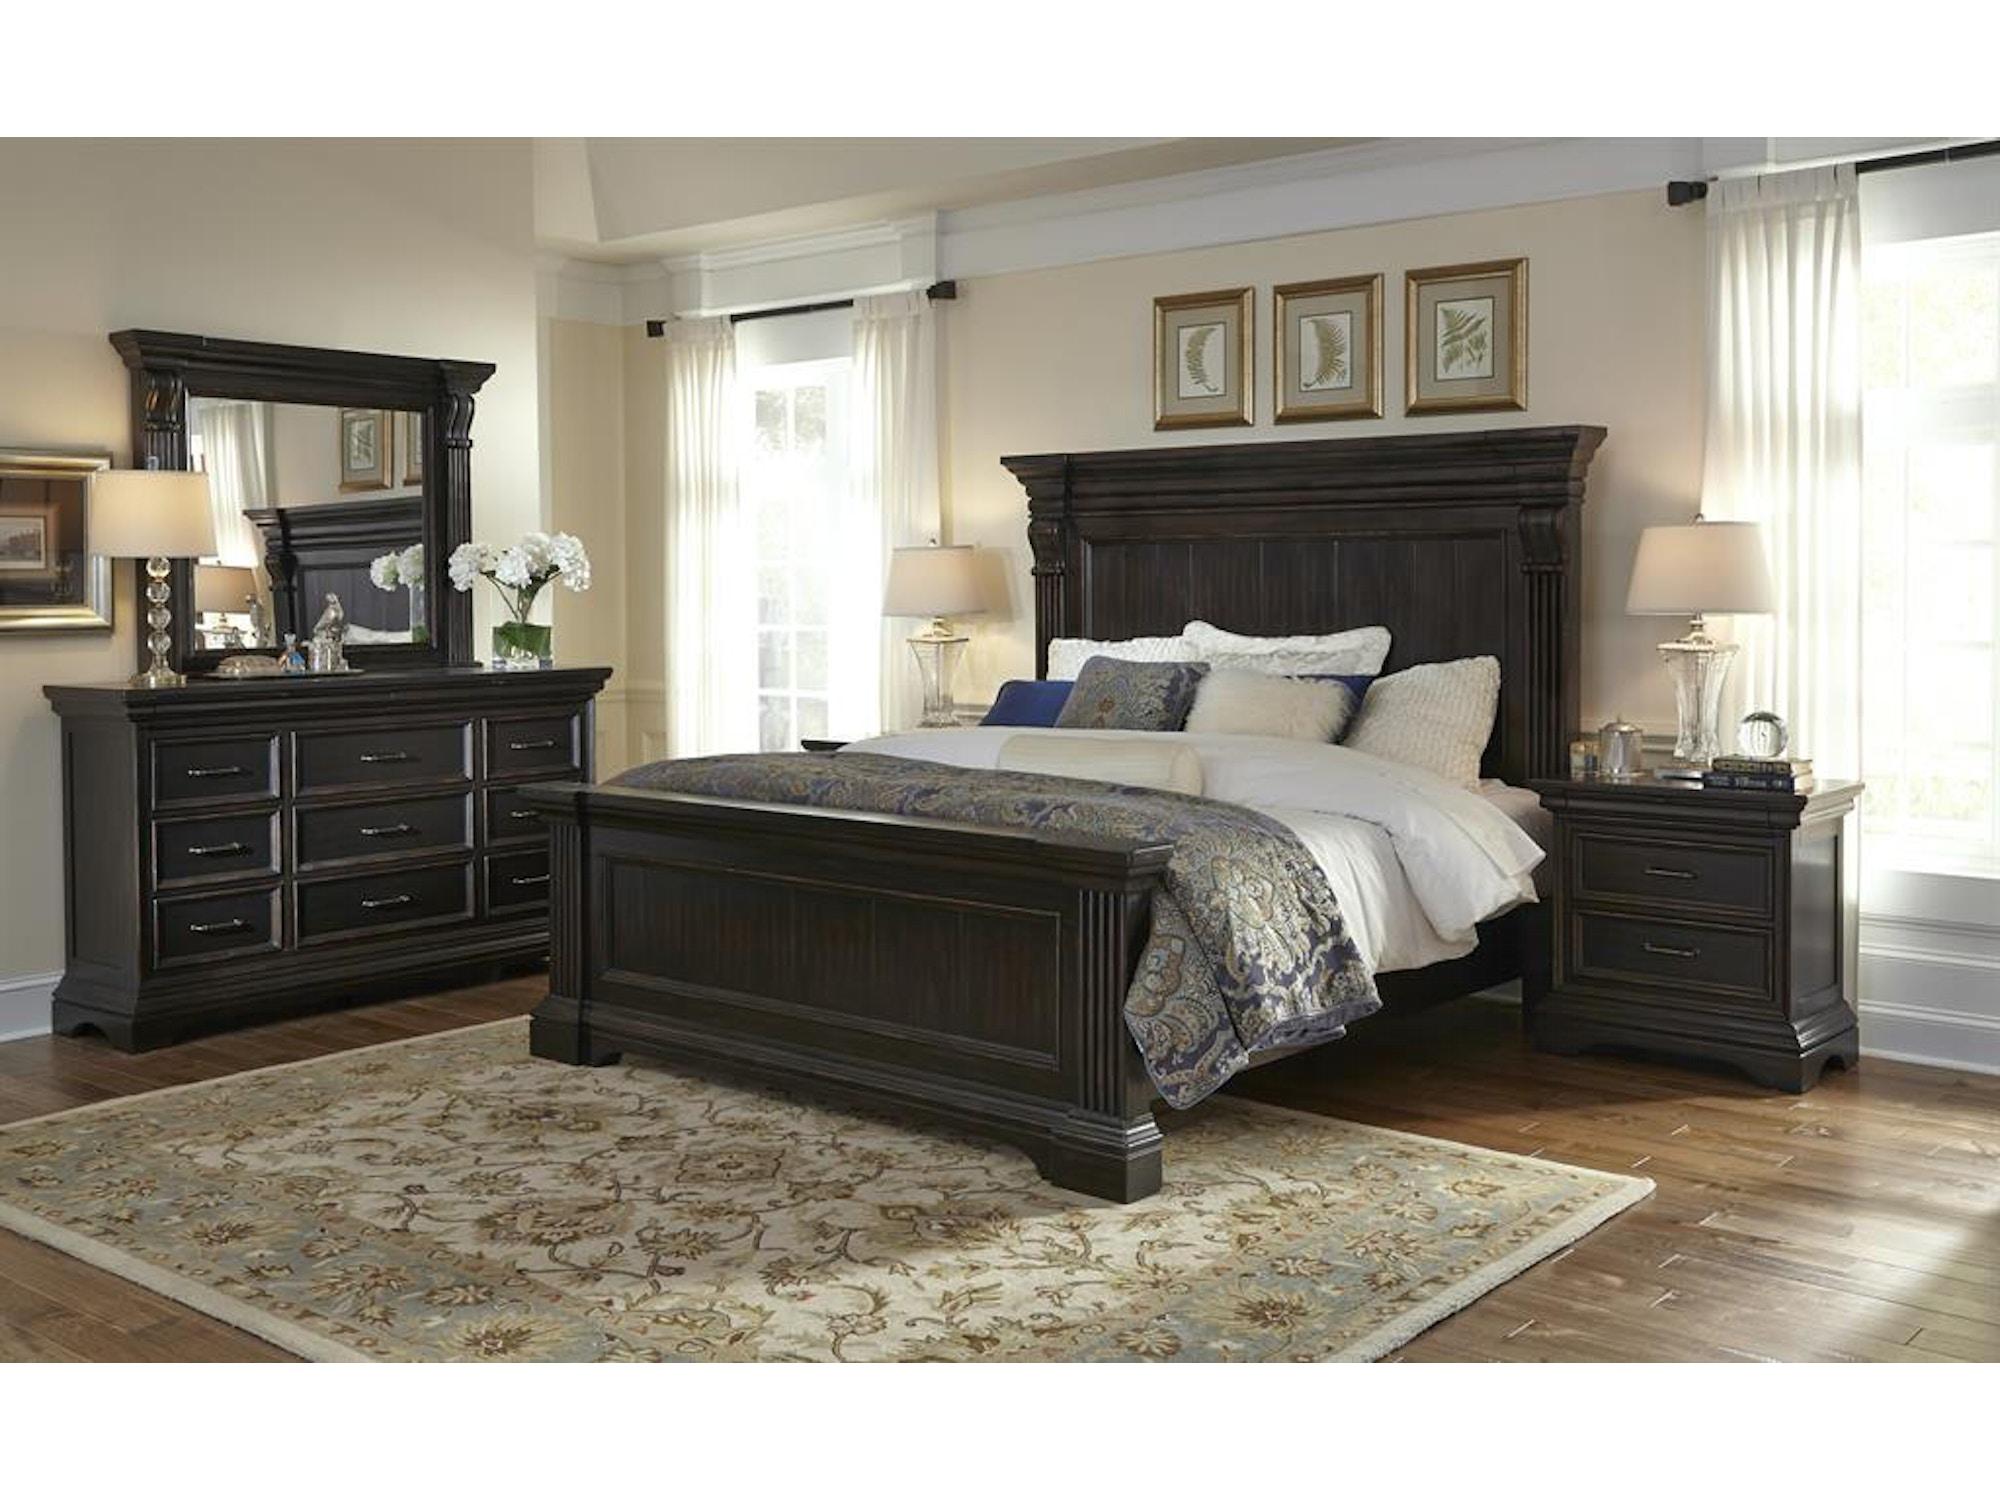 Pulaski Furniture Bedroom Master Bedroom Sets Furniture Fair - Furniture fair bedroom sets